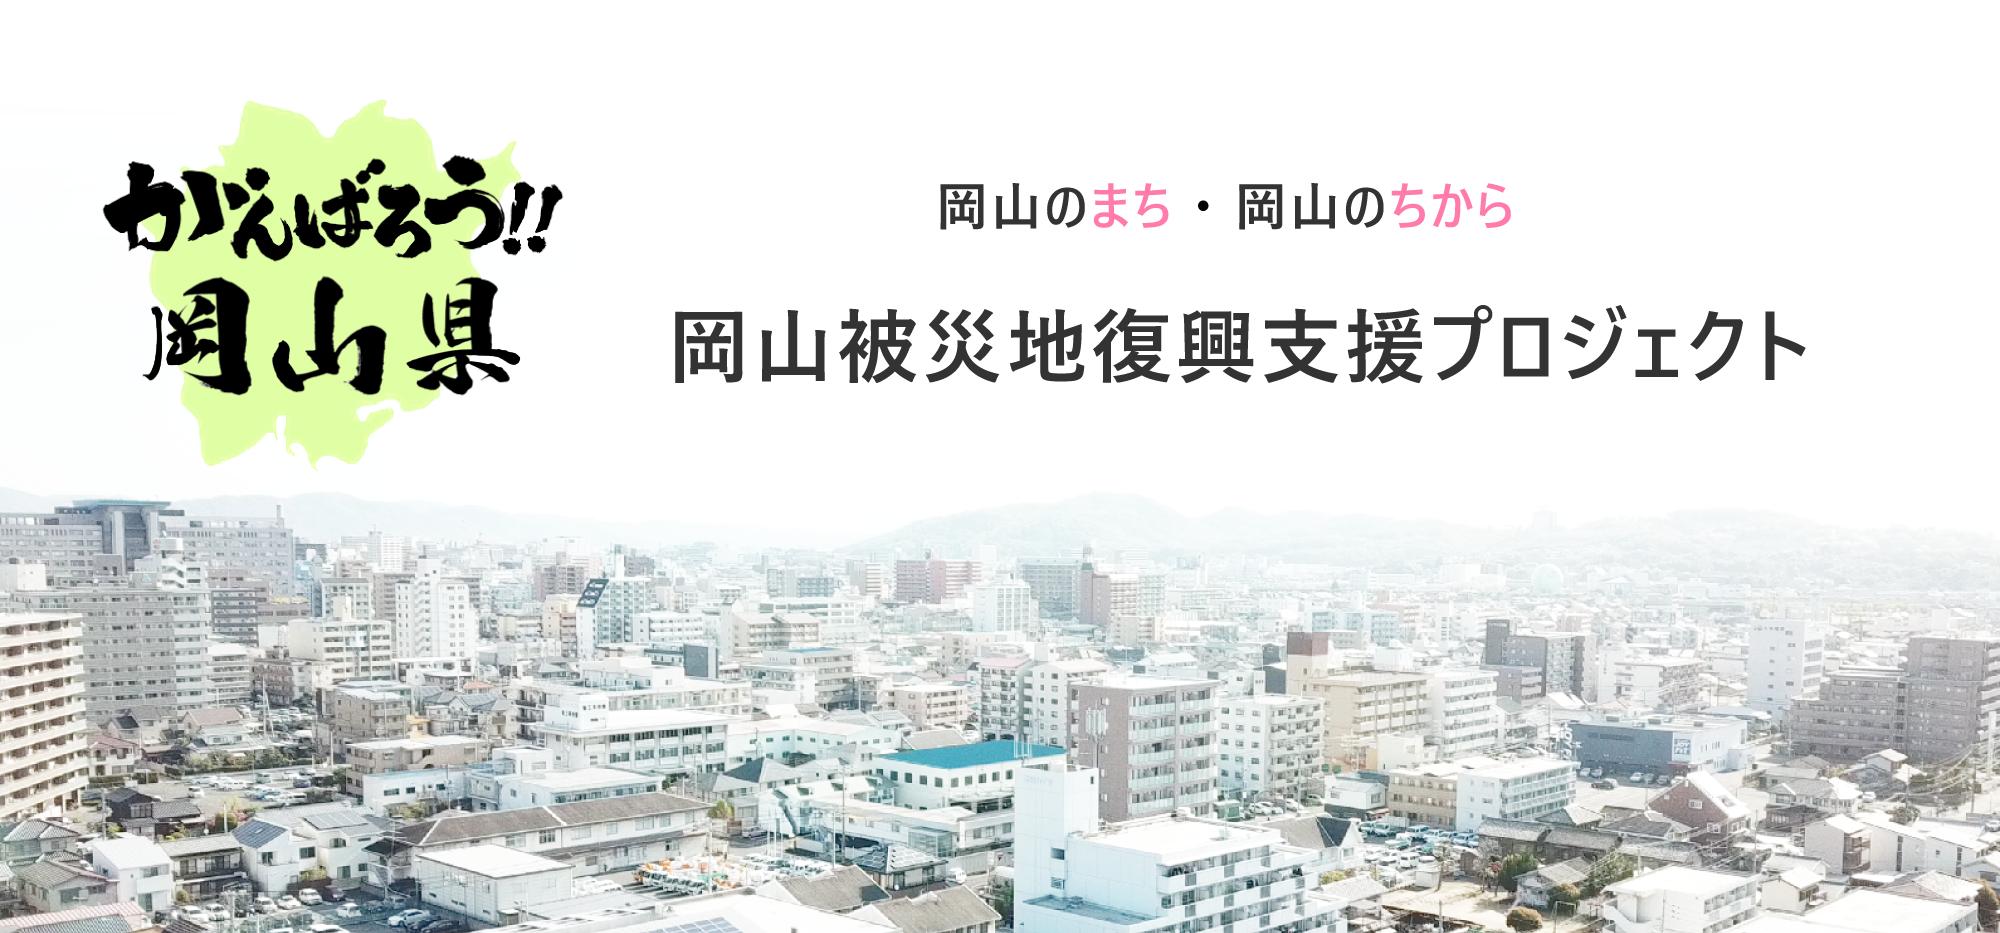 岡山被災地復興支援プロジェクト